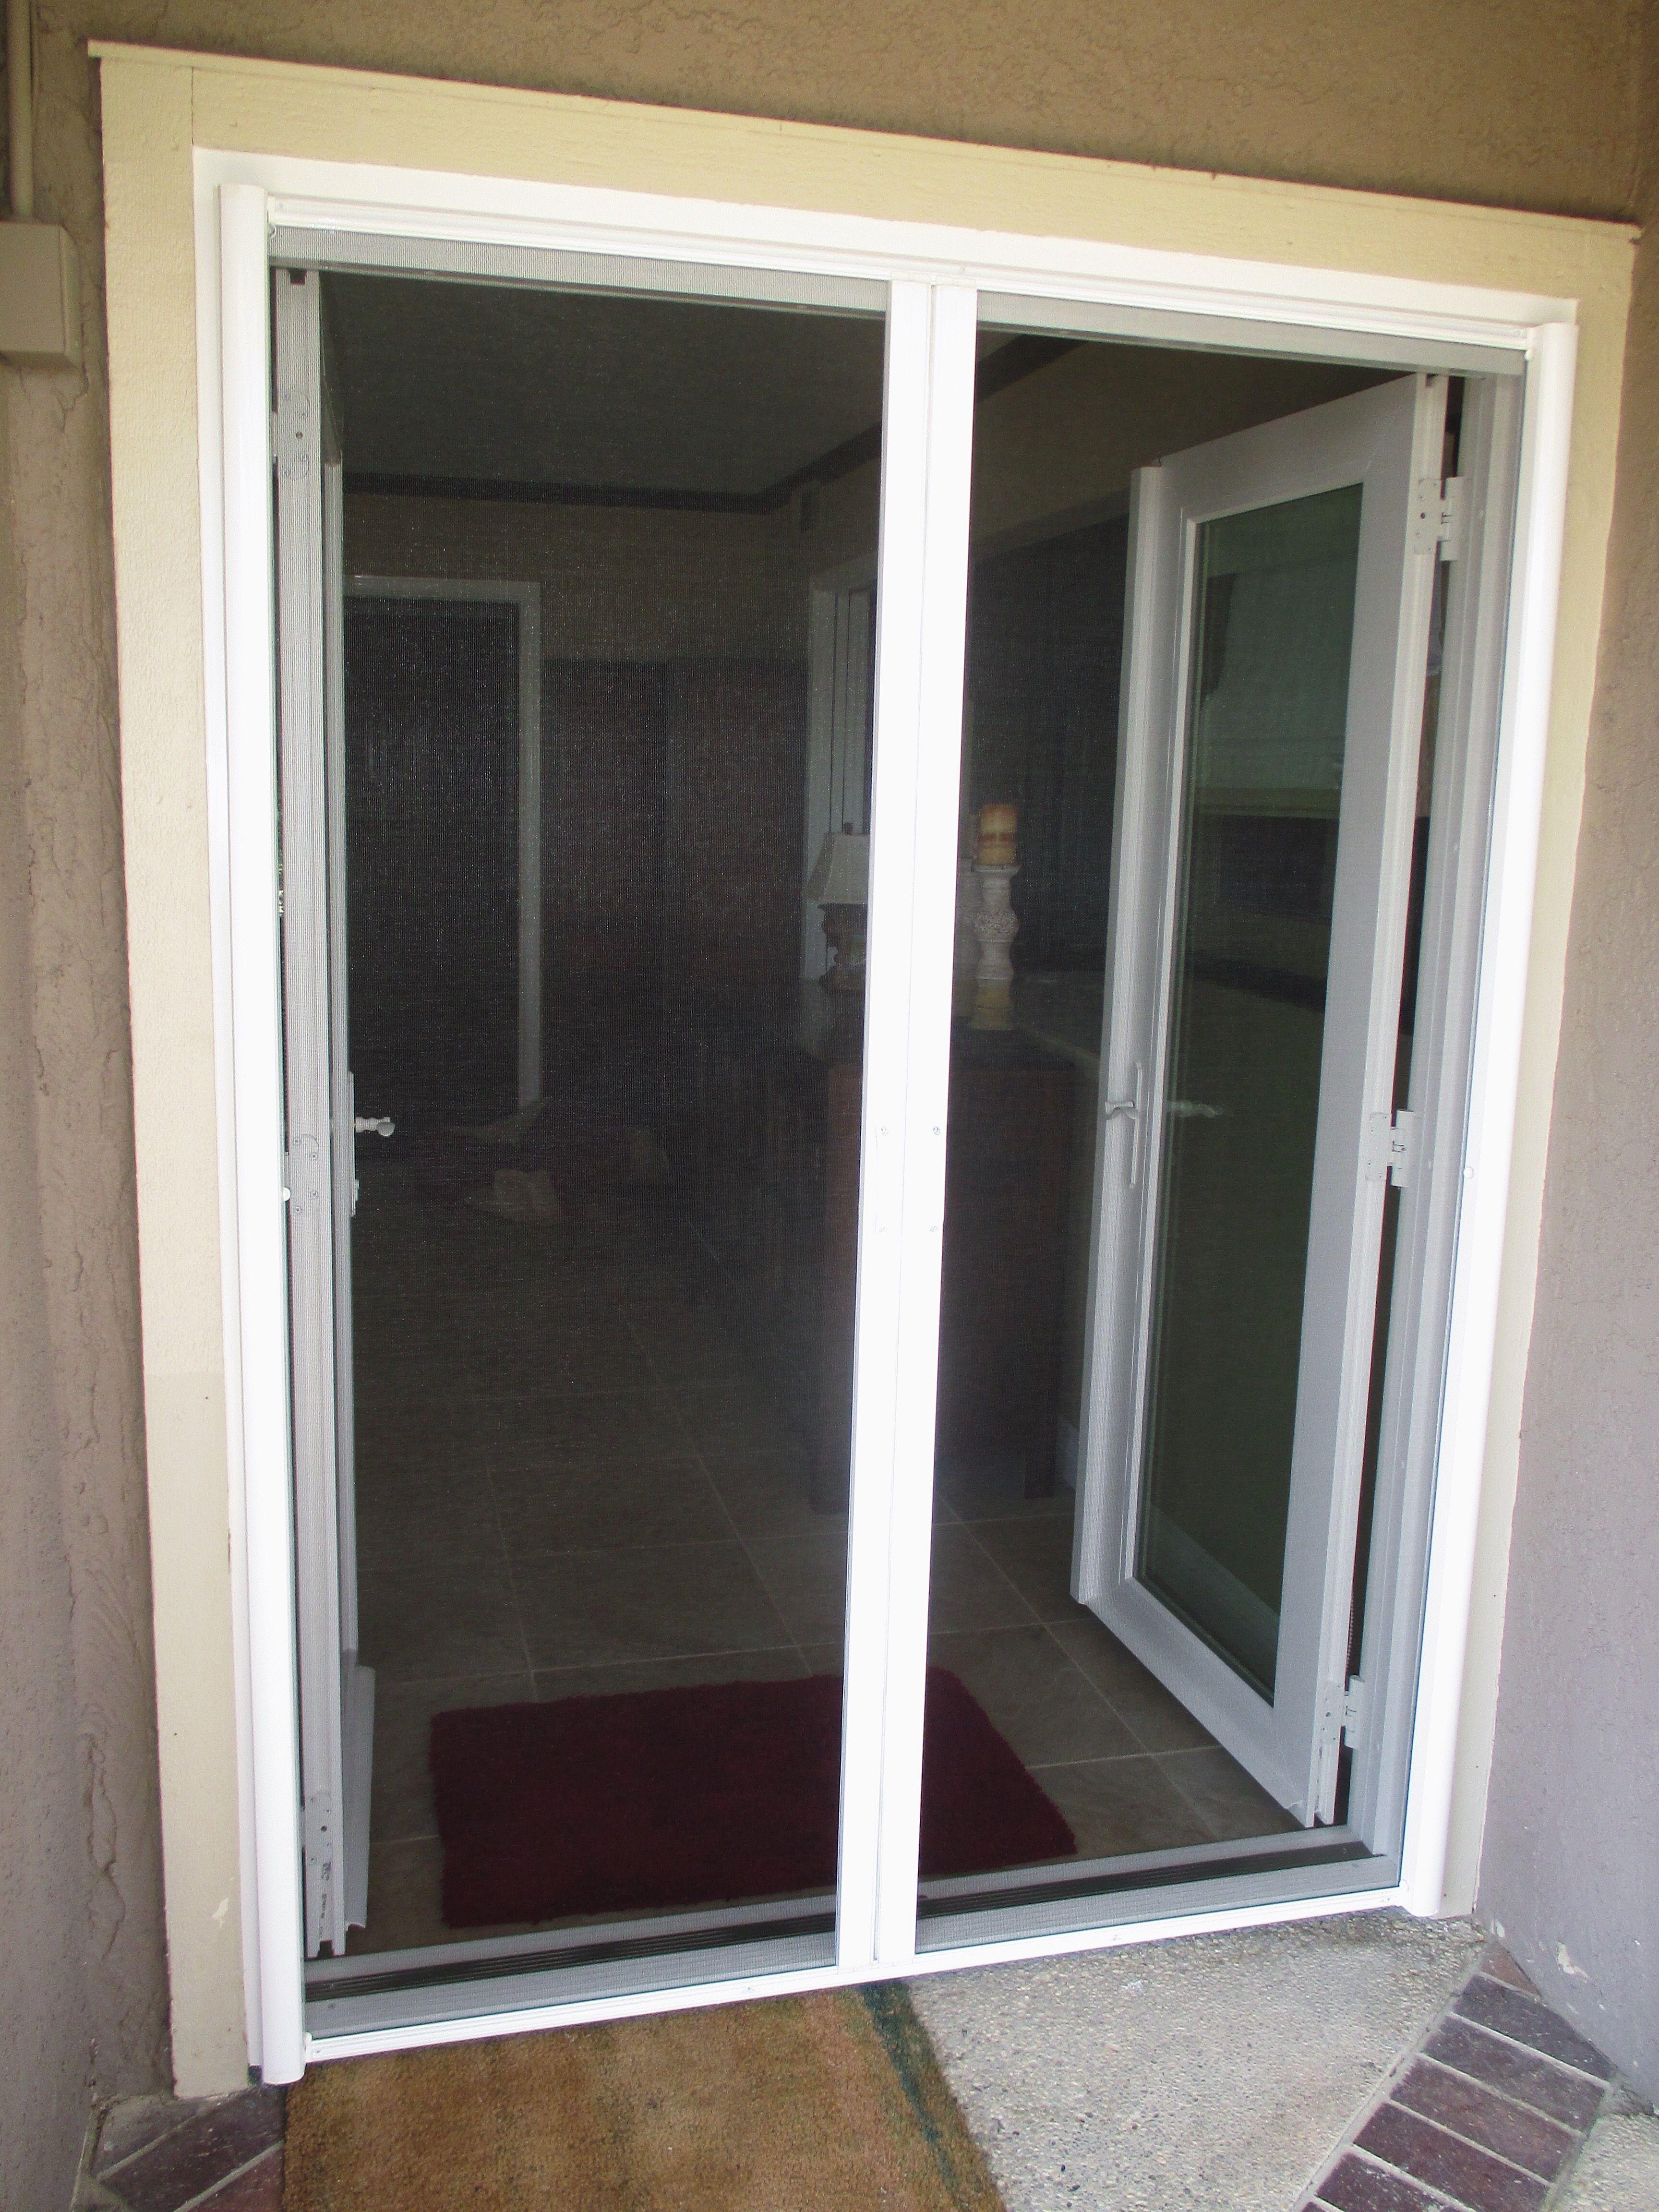 Double In Swing Stowaway Retractable Screen Door System In Brea